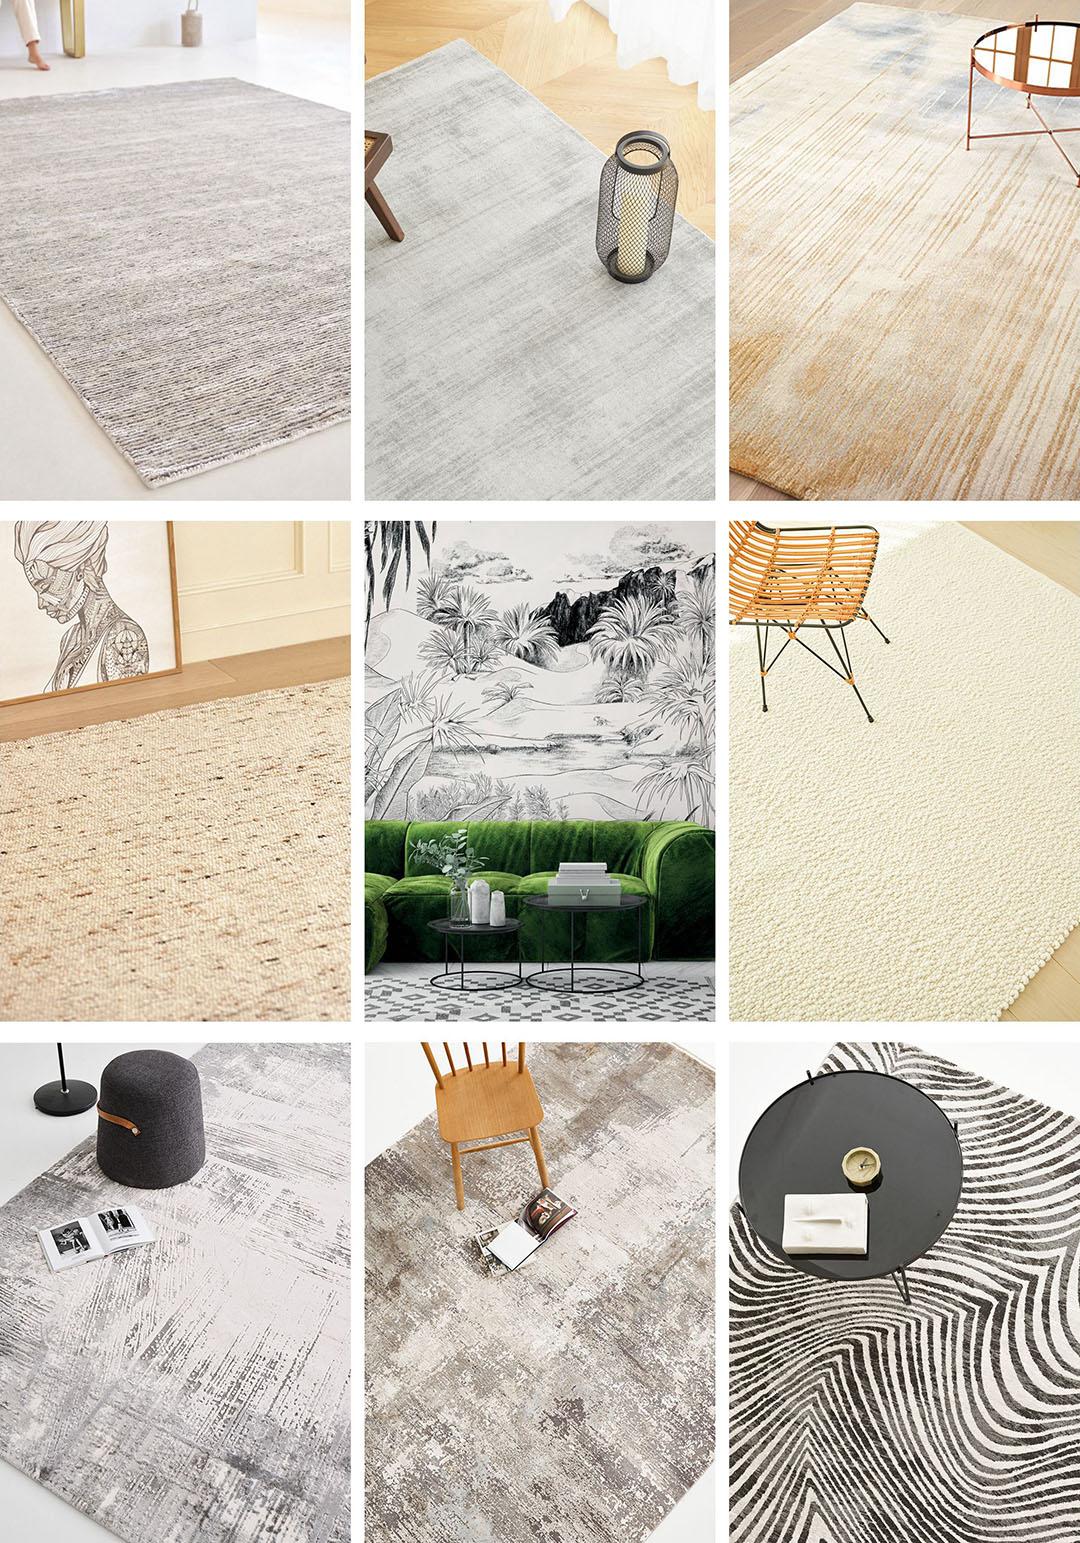 Li Wu 地毯店铺